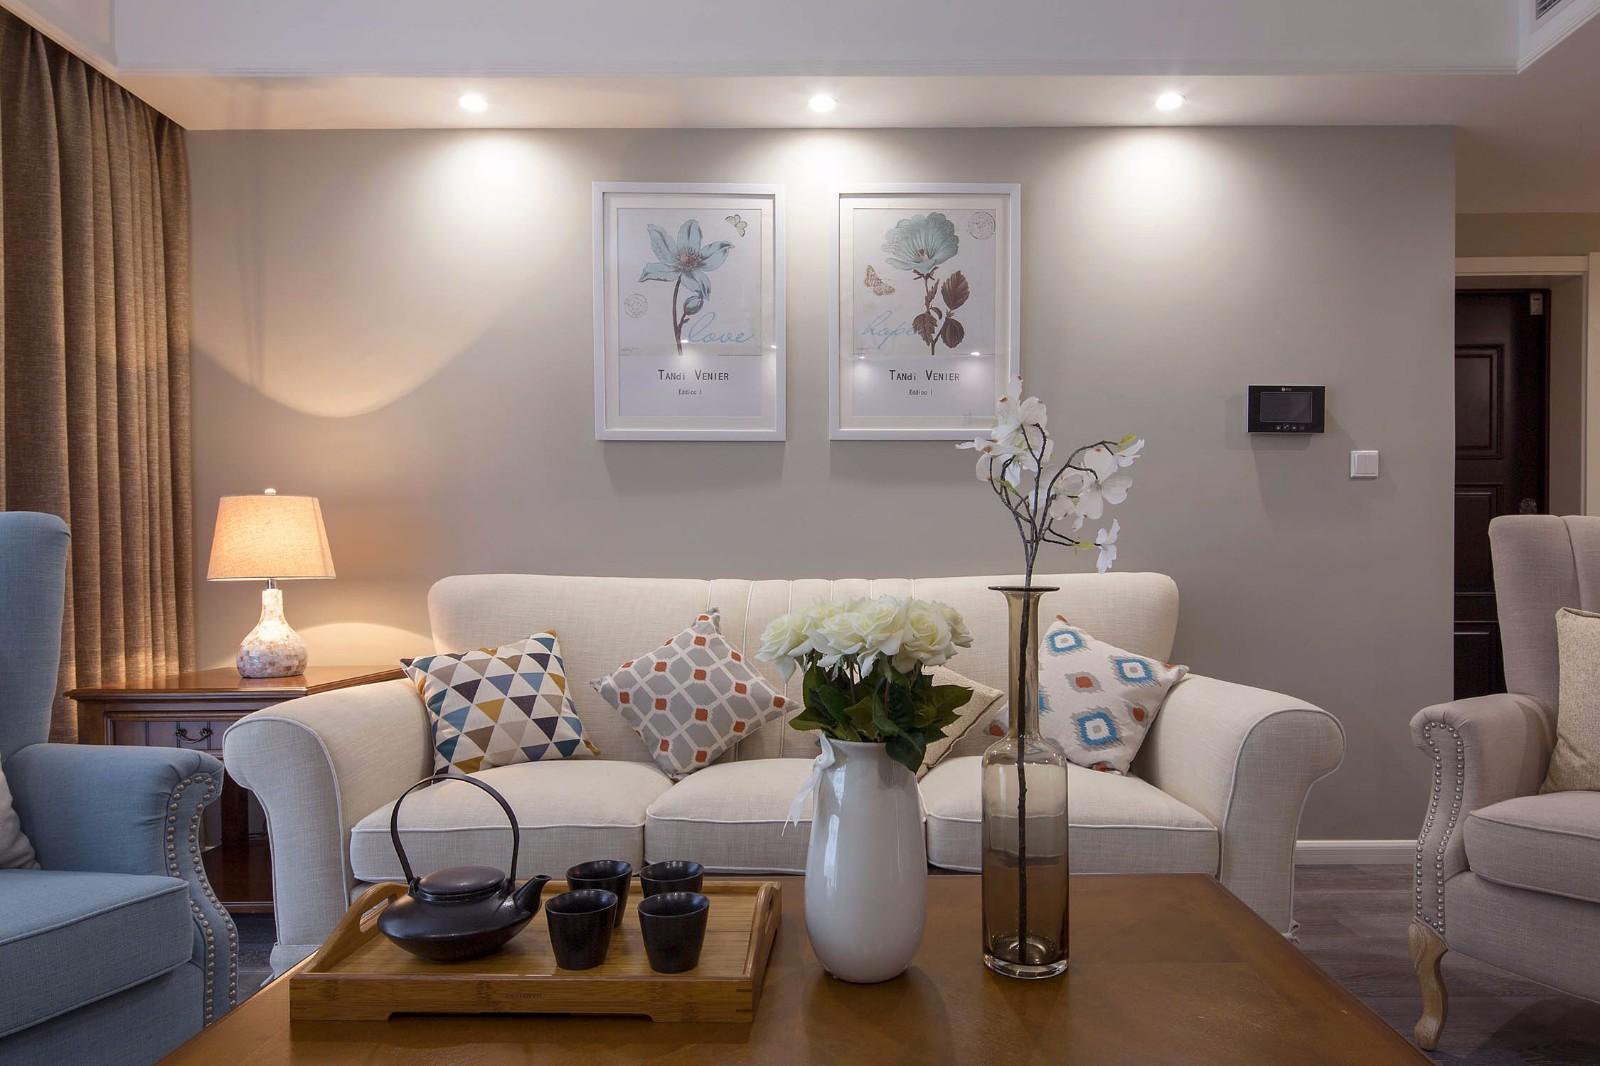 2020美式客厅装修设计 2020美式茶几效果图